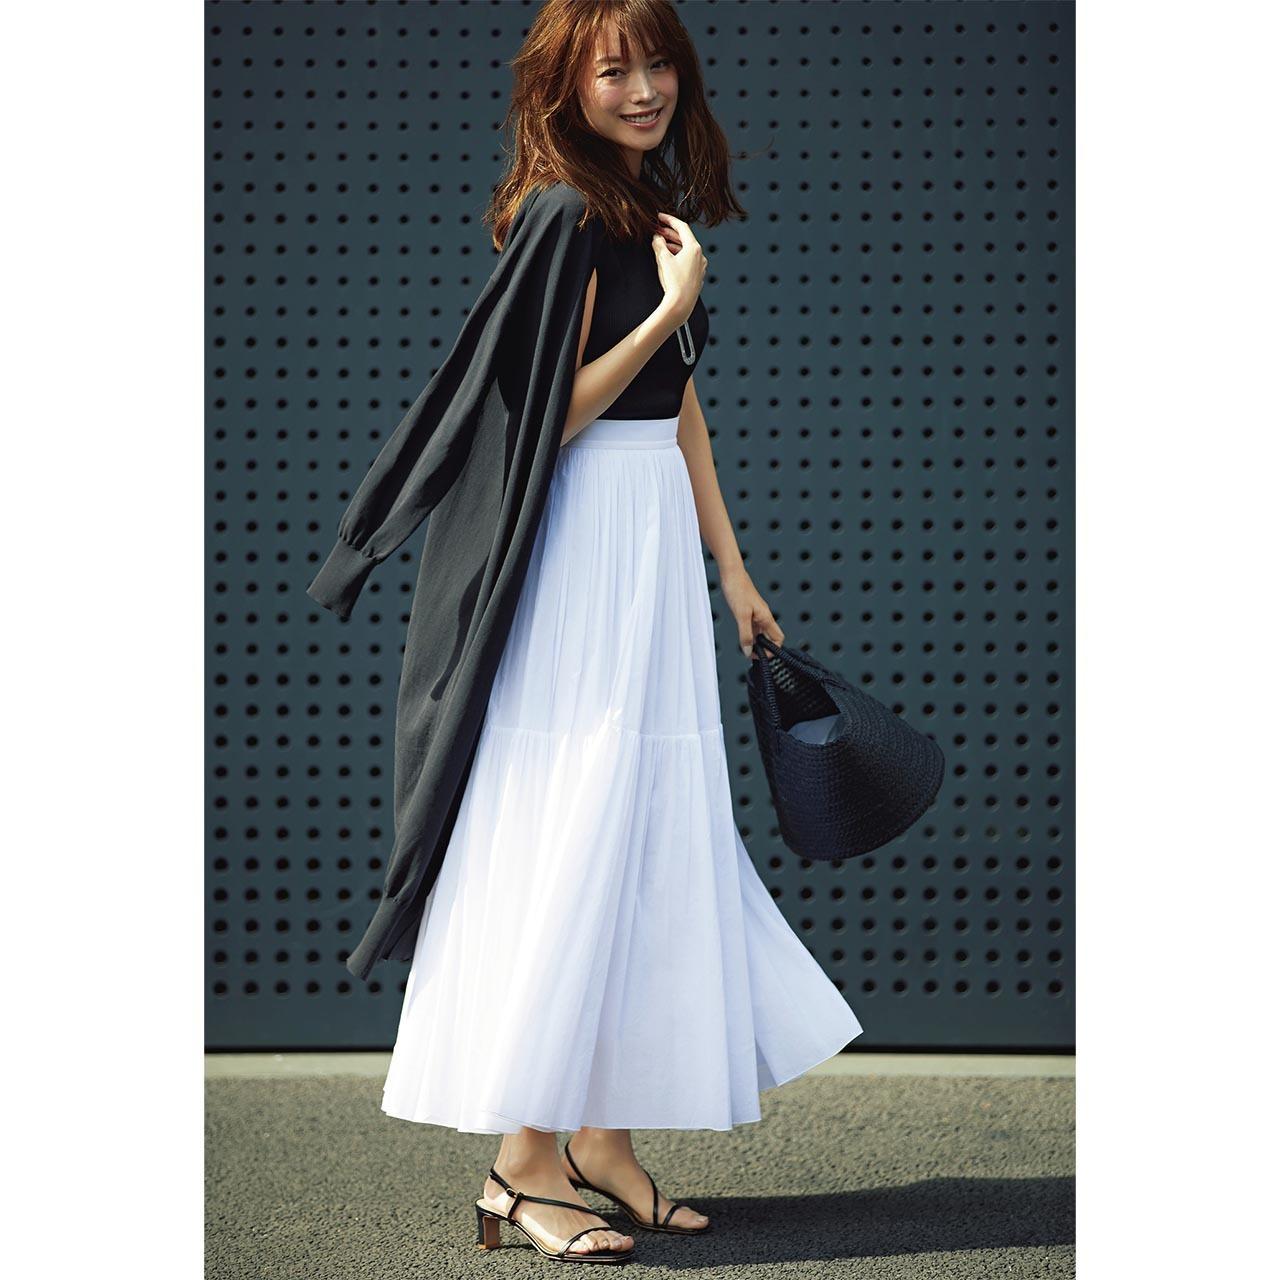 ■黒ロングカーディガン×黒ノースリーブニット×白ロングスカートのモノトーンコーデ